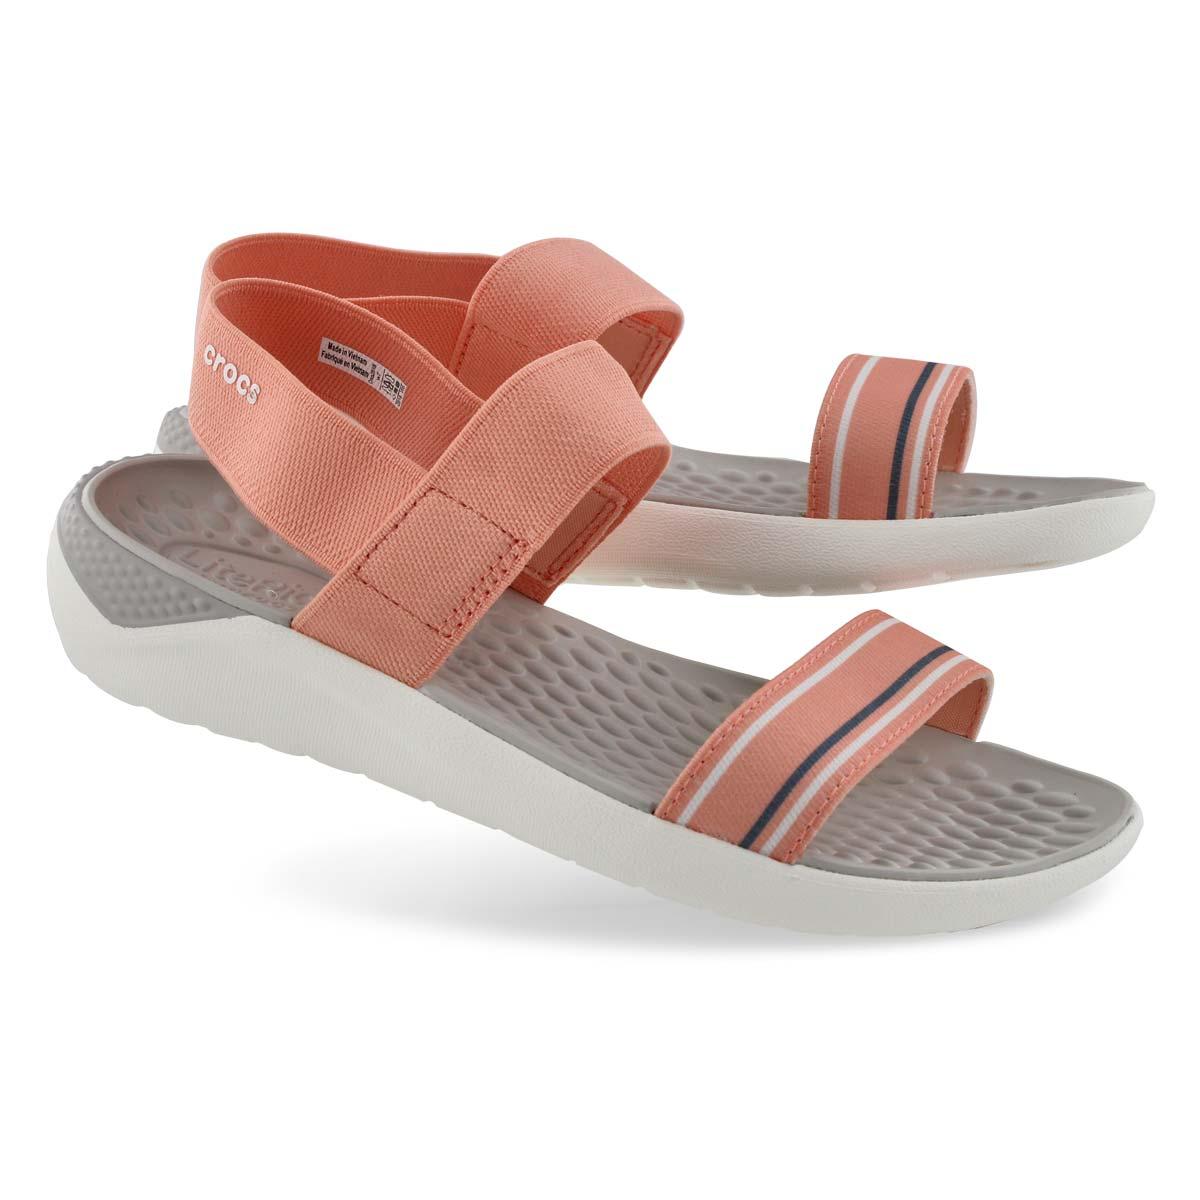 Lds LiteRide melon/wht casual sandal